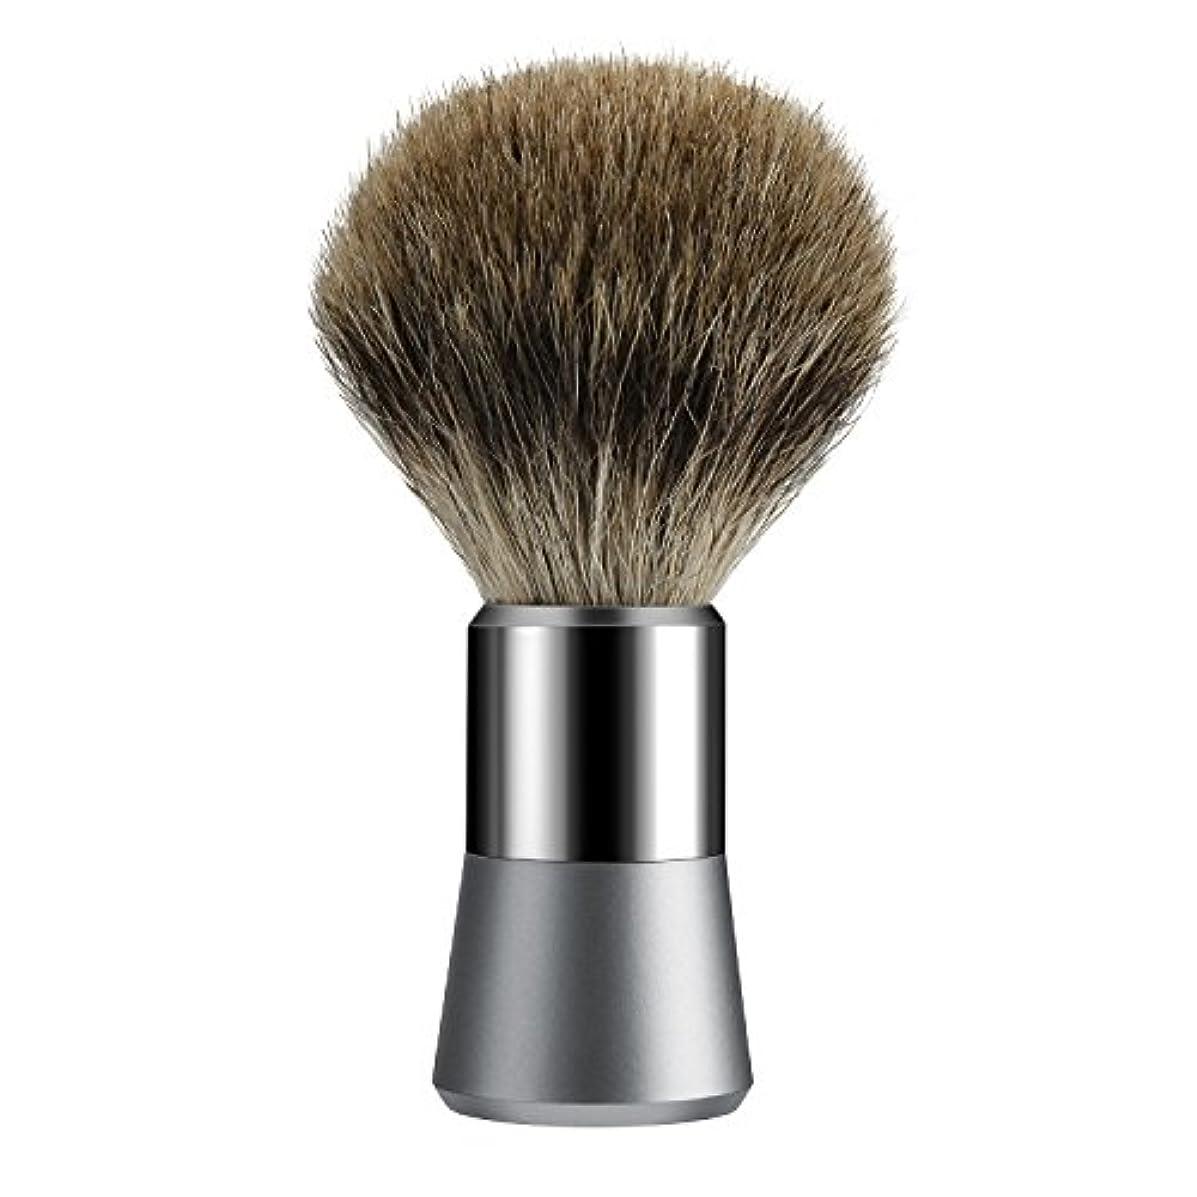 段落蒸留する経験Tezam シェービング ブラシ, シェービングブラシ アナグマの毛 100%, クロームハンドル